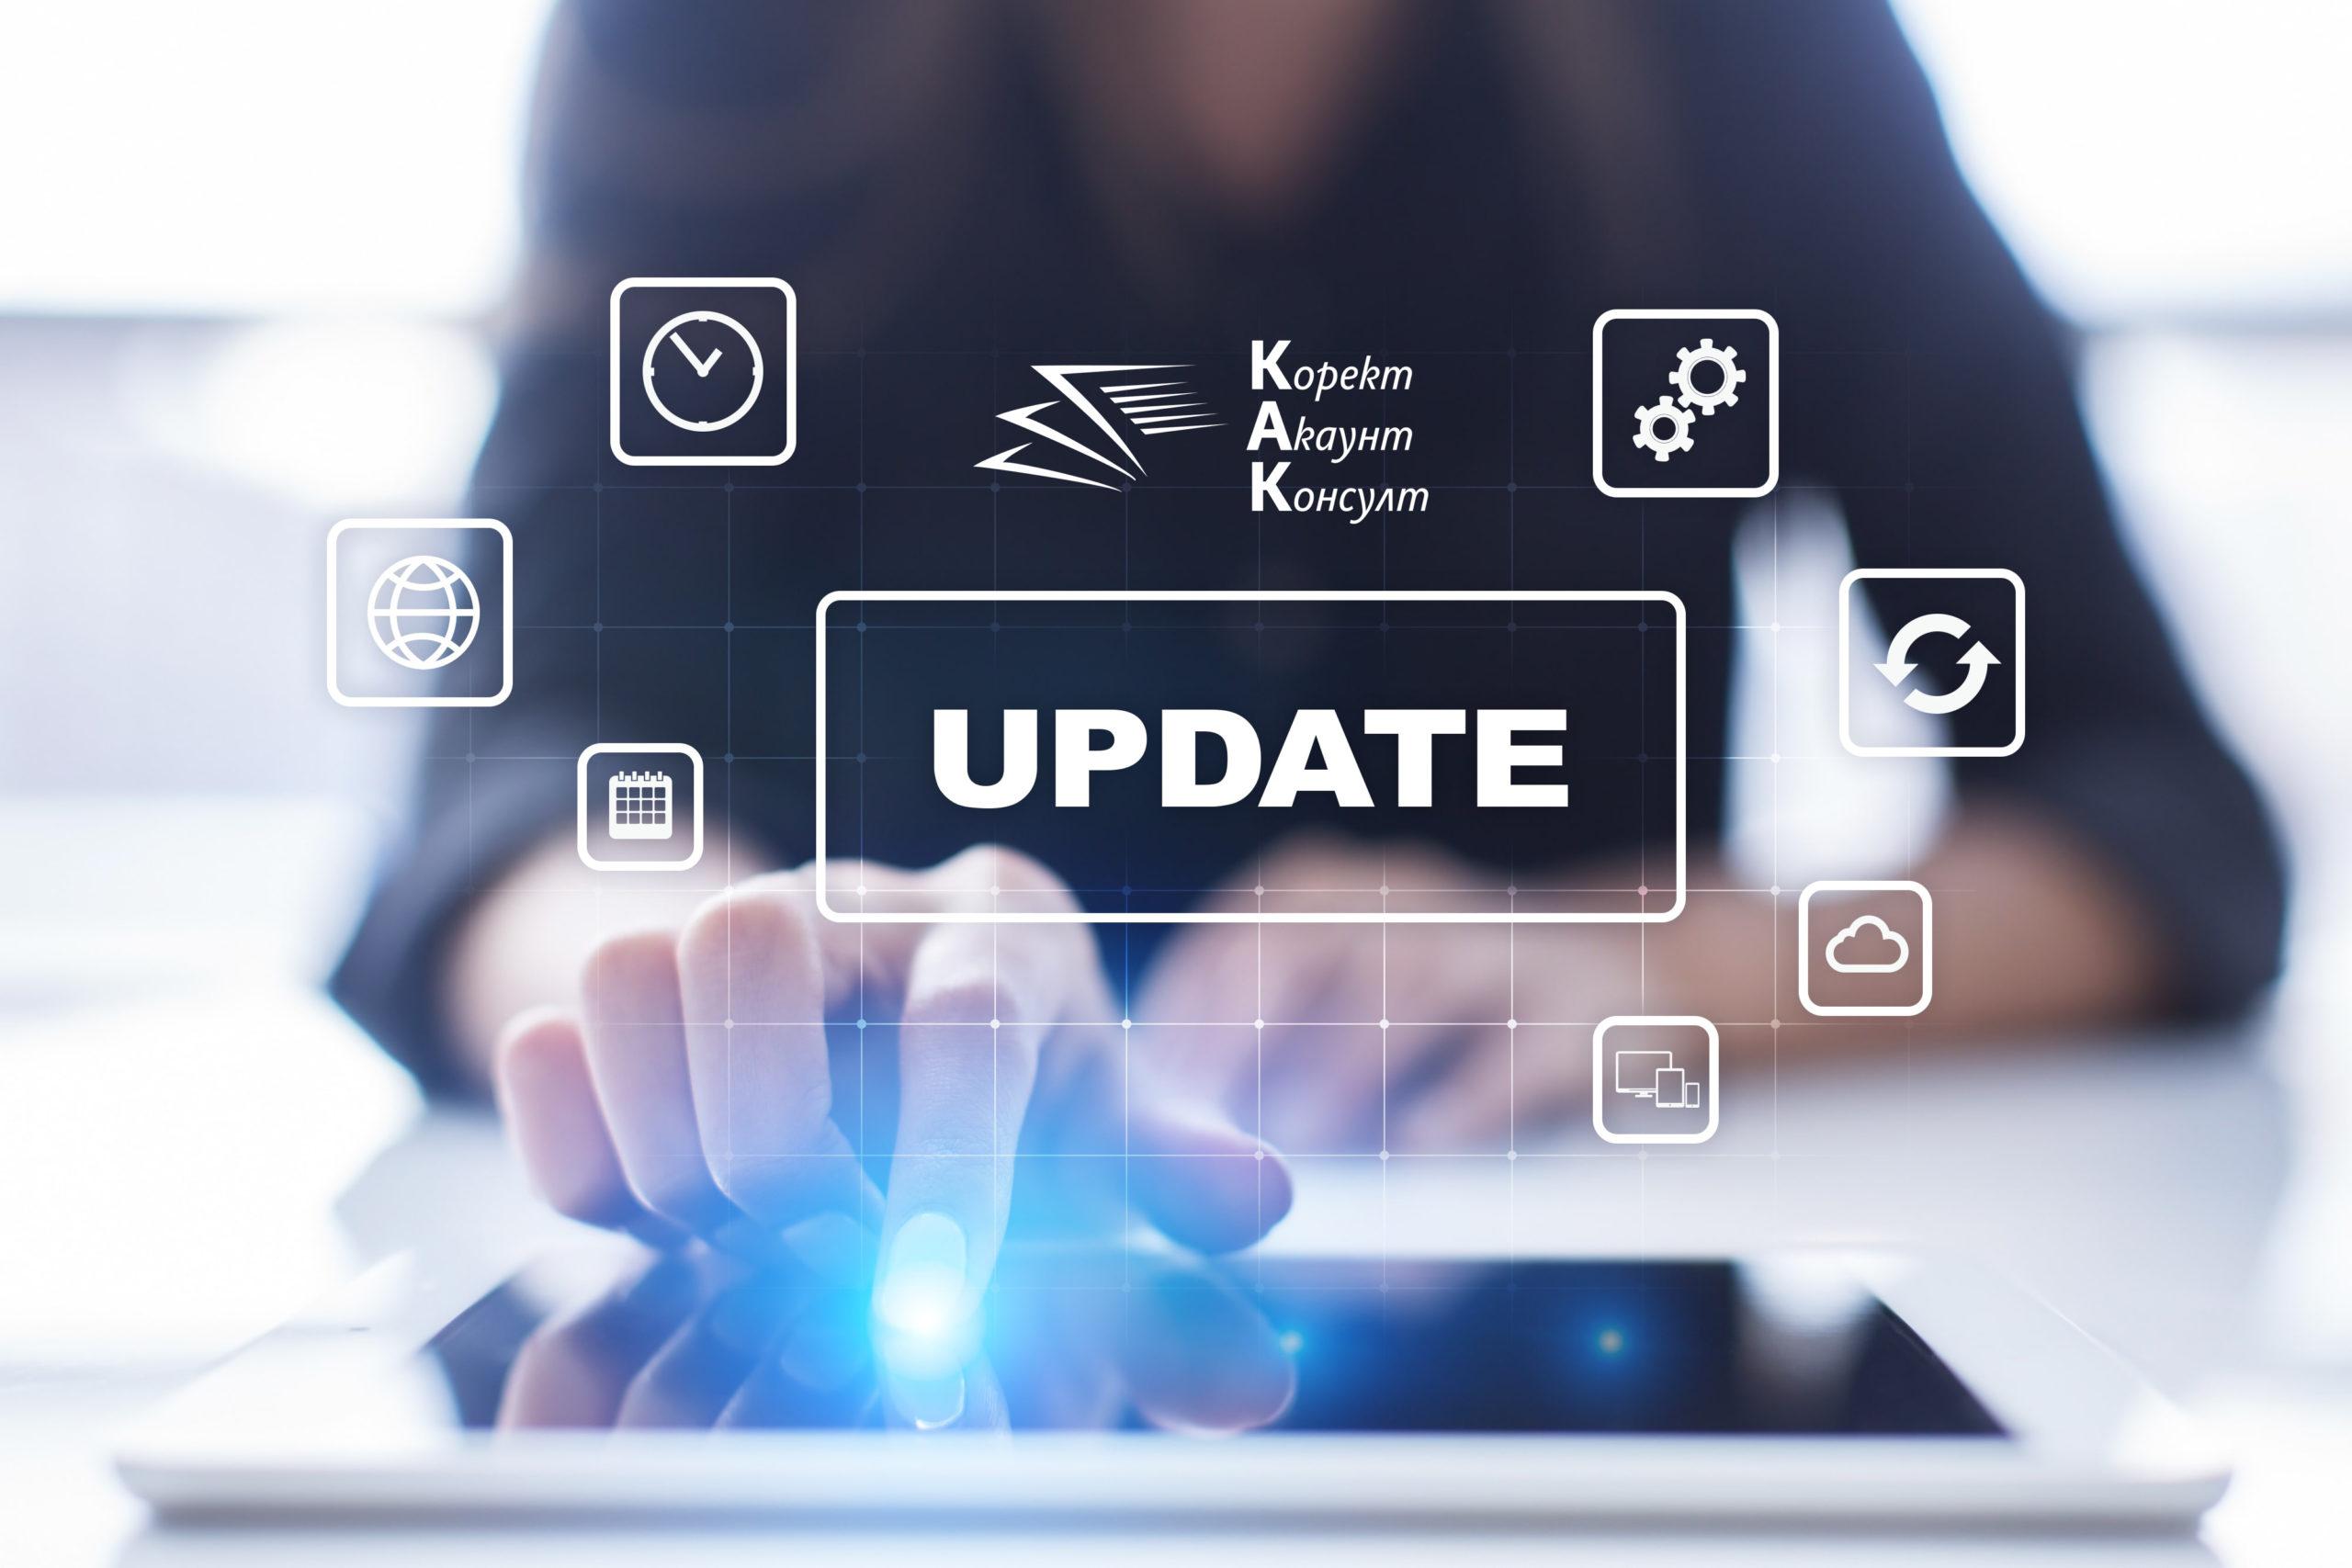 Публикувана е нова версия на клиентски софтуер за попълване на справките по чл. 73, ал. 1 и ал.6 и декларации образец №1, образец №3 и образец №6